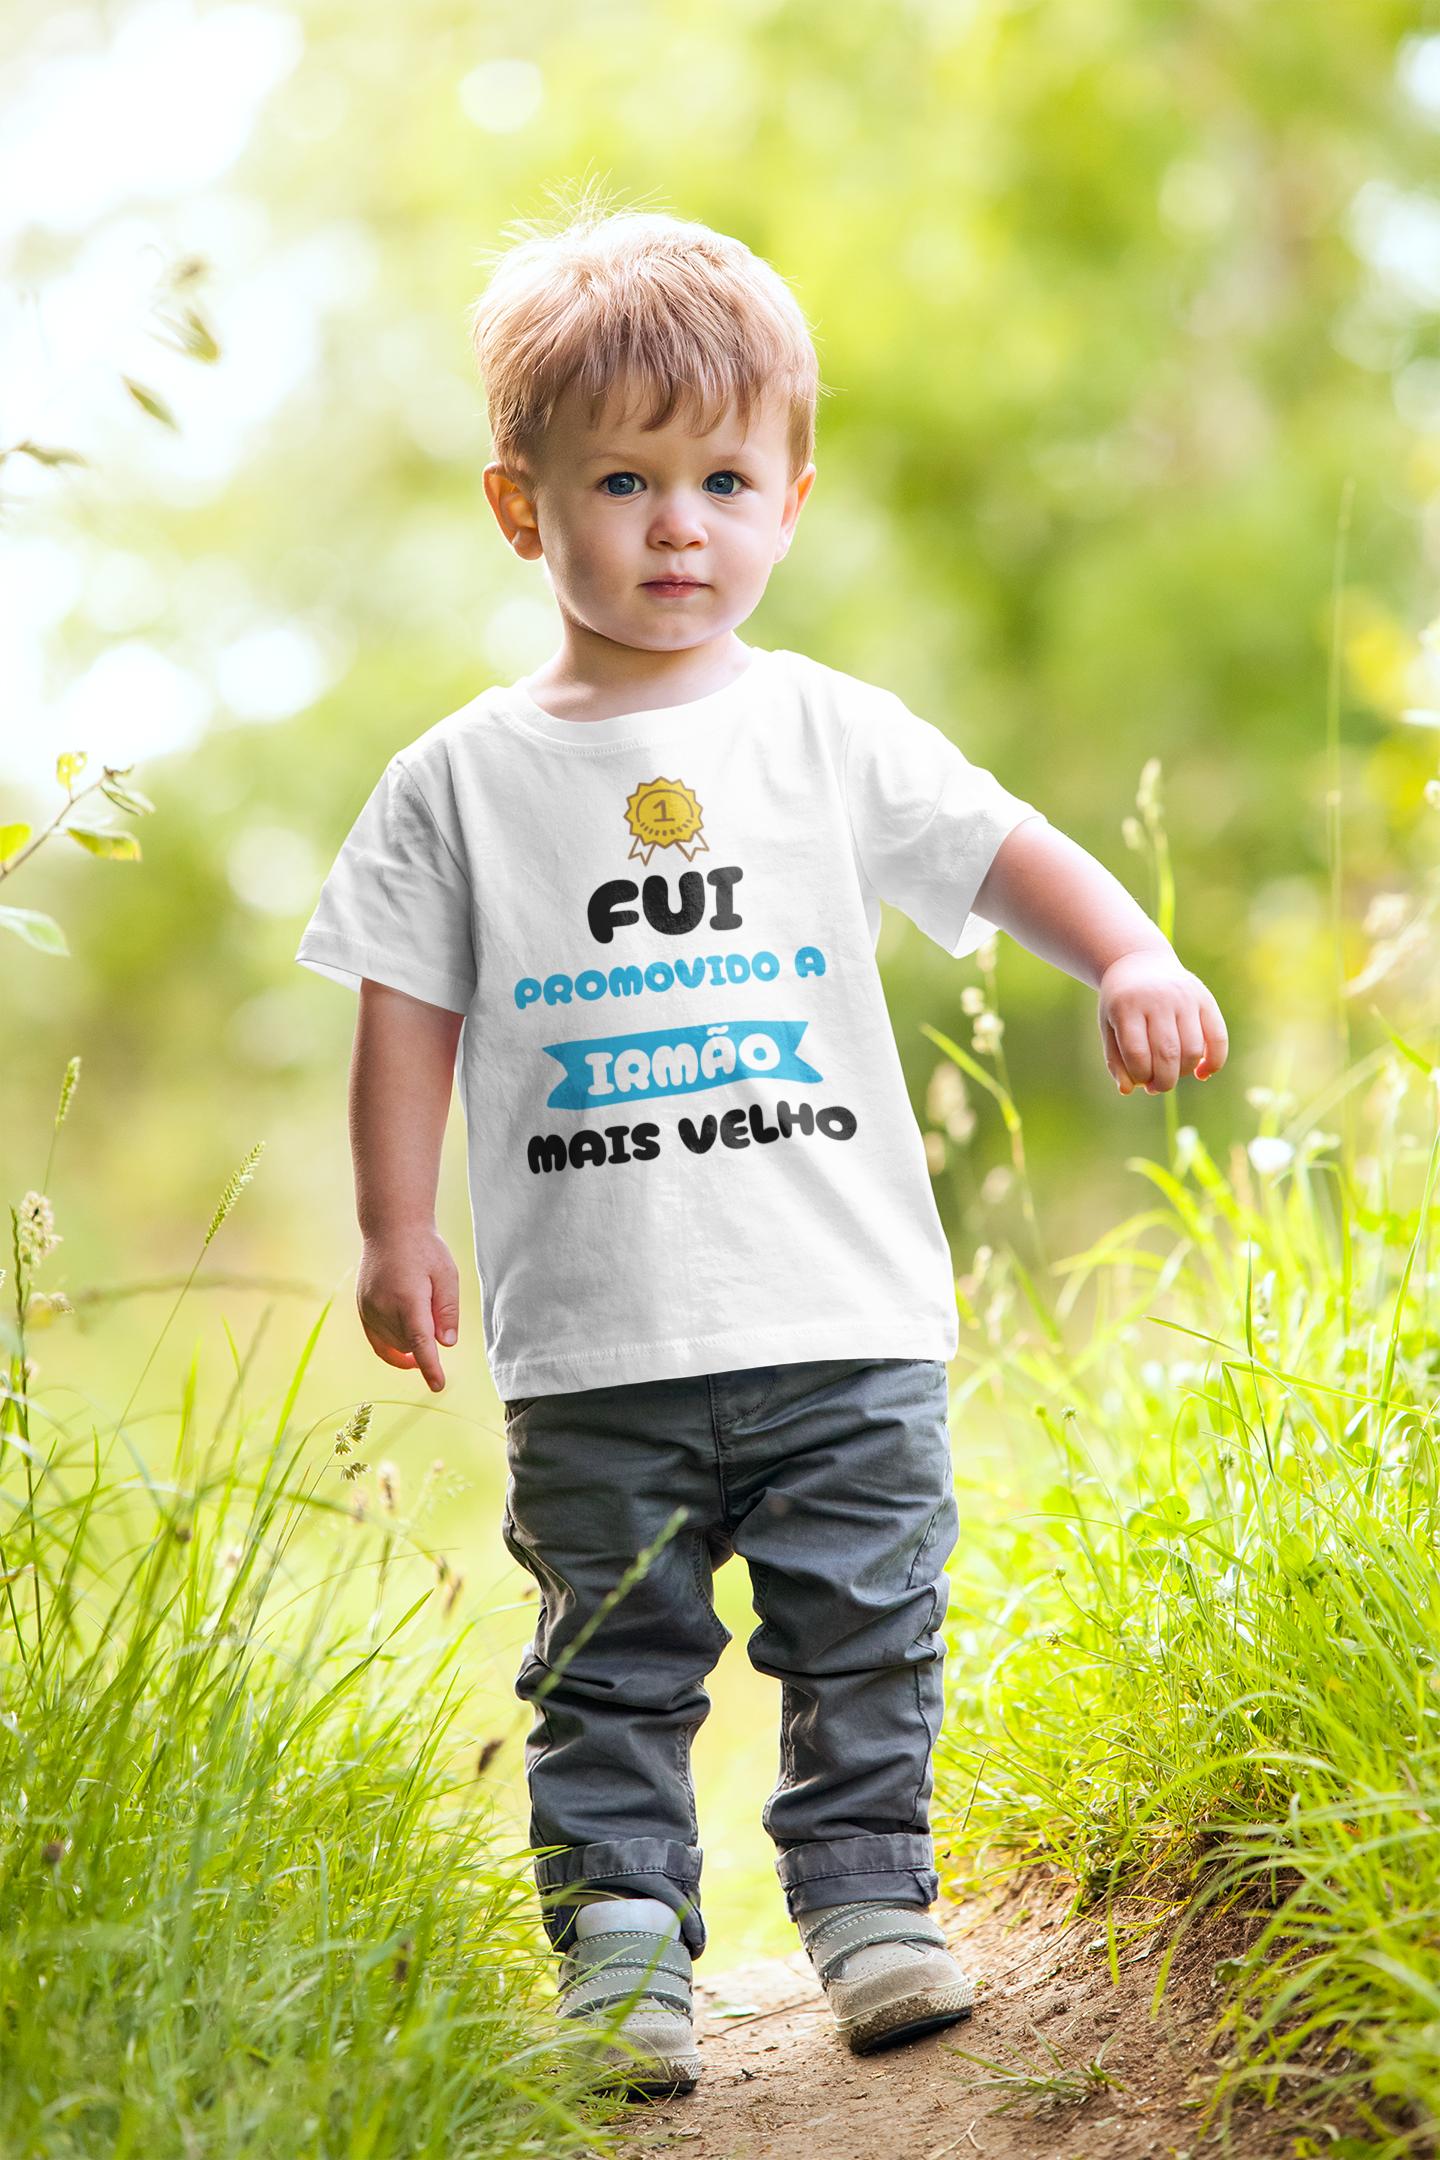 Camiseta Fui Promovido a Irmão Mais Velho Infantil 2